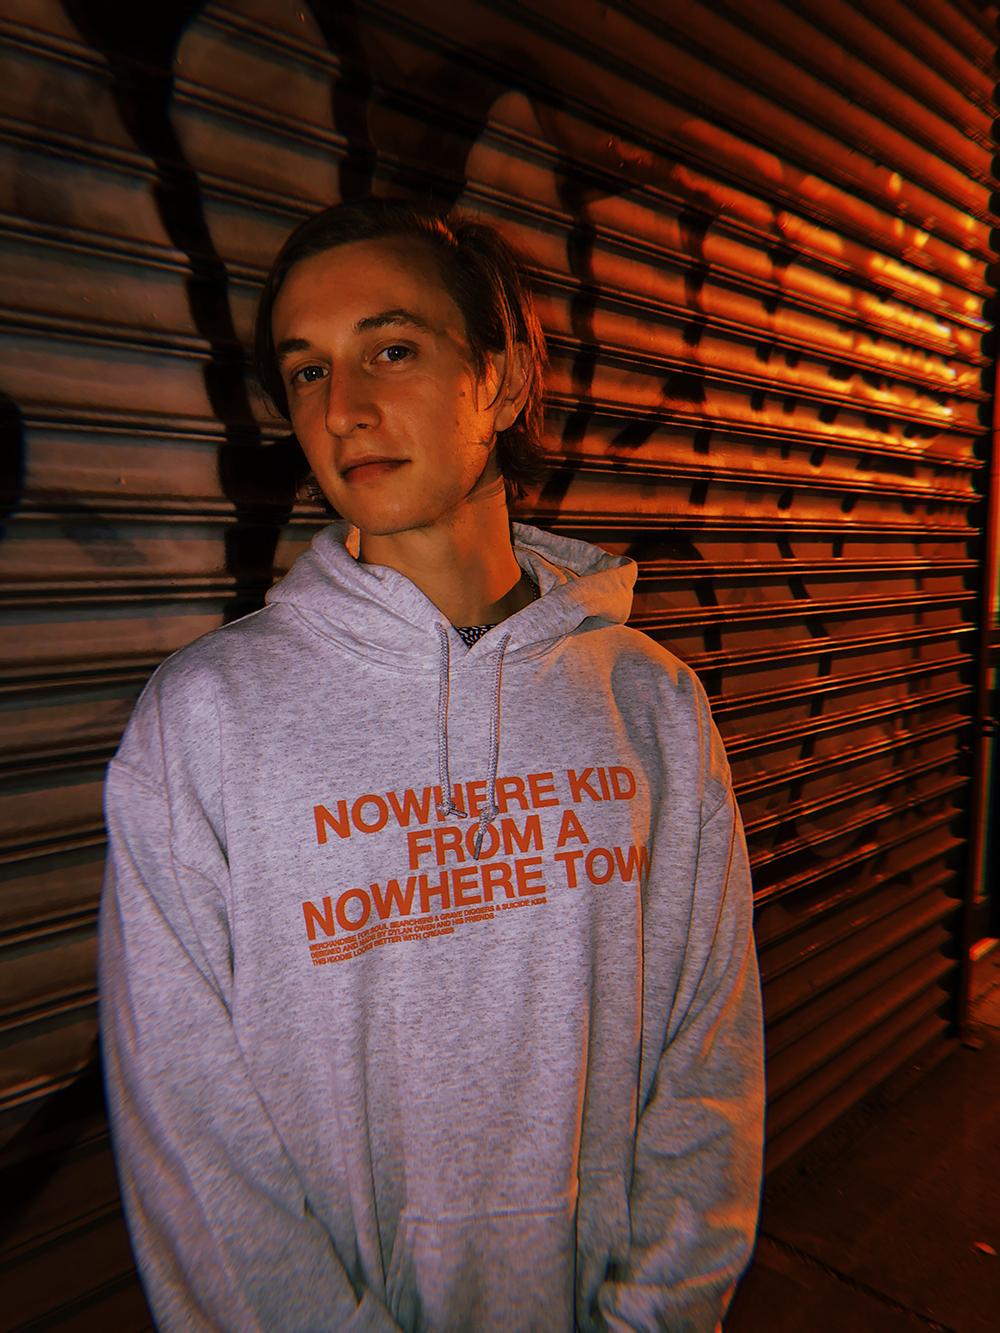 dylan owen nowhere kid hoodie